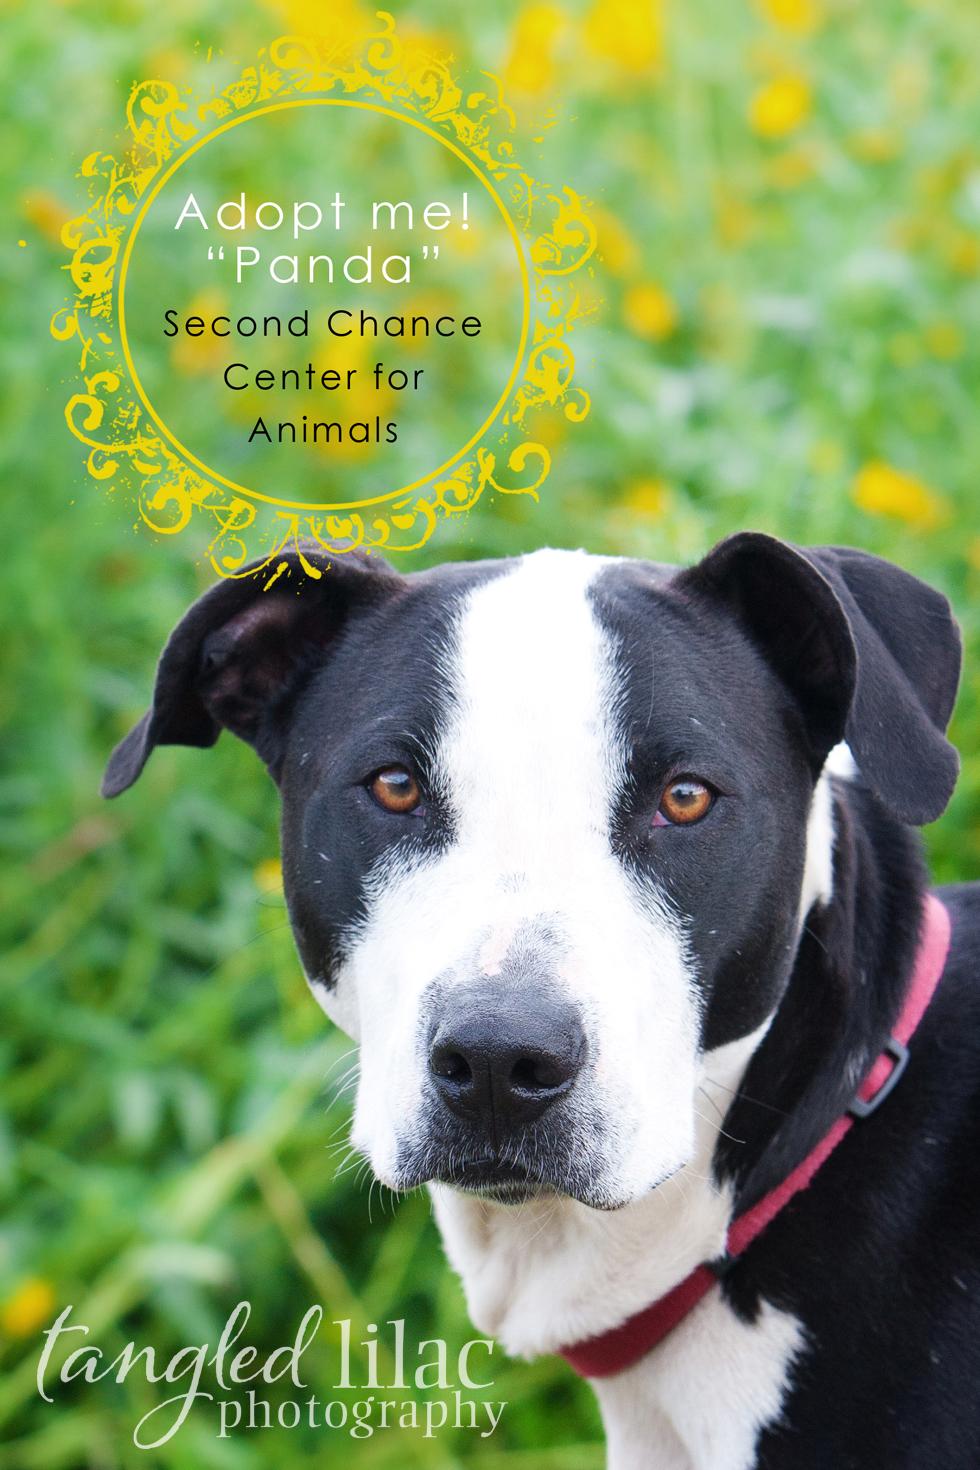 Arizona Dog Photography